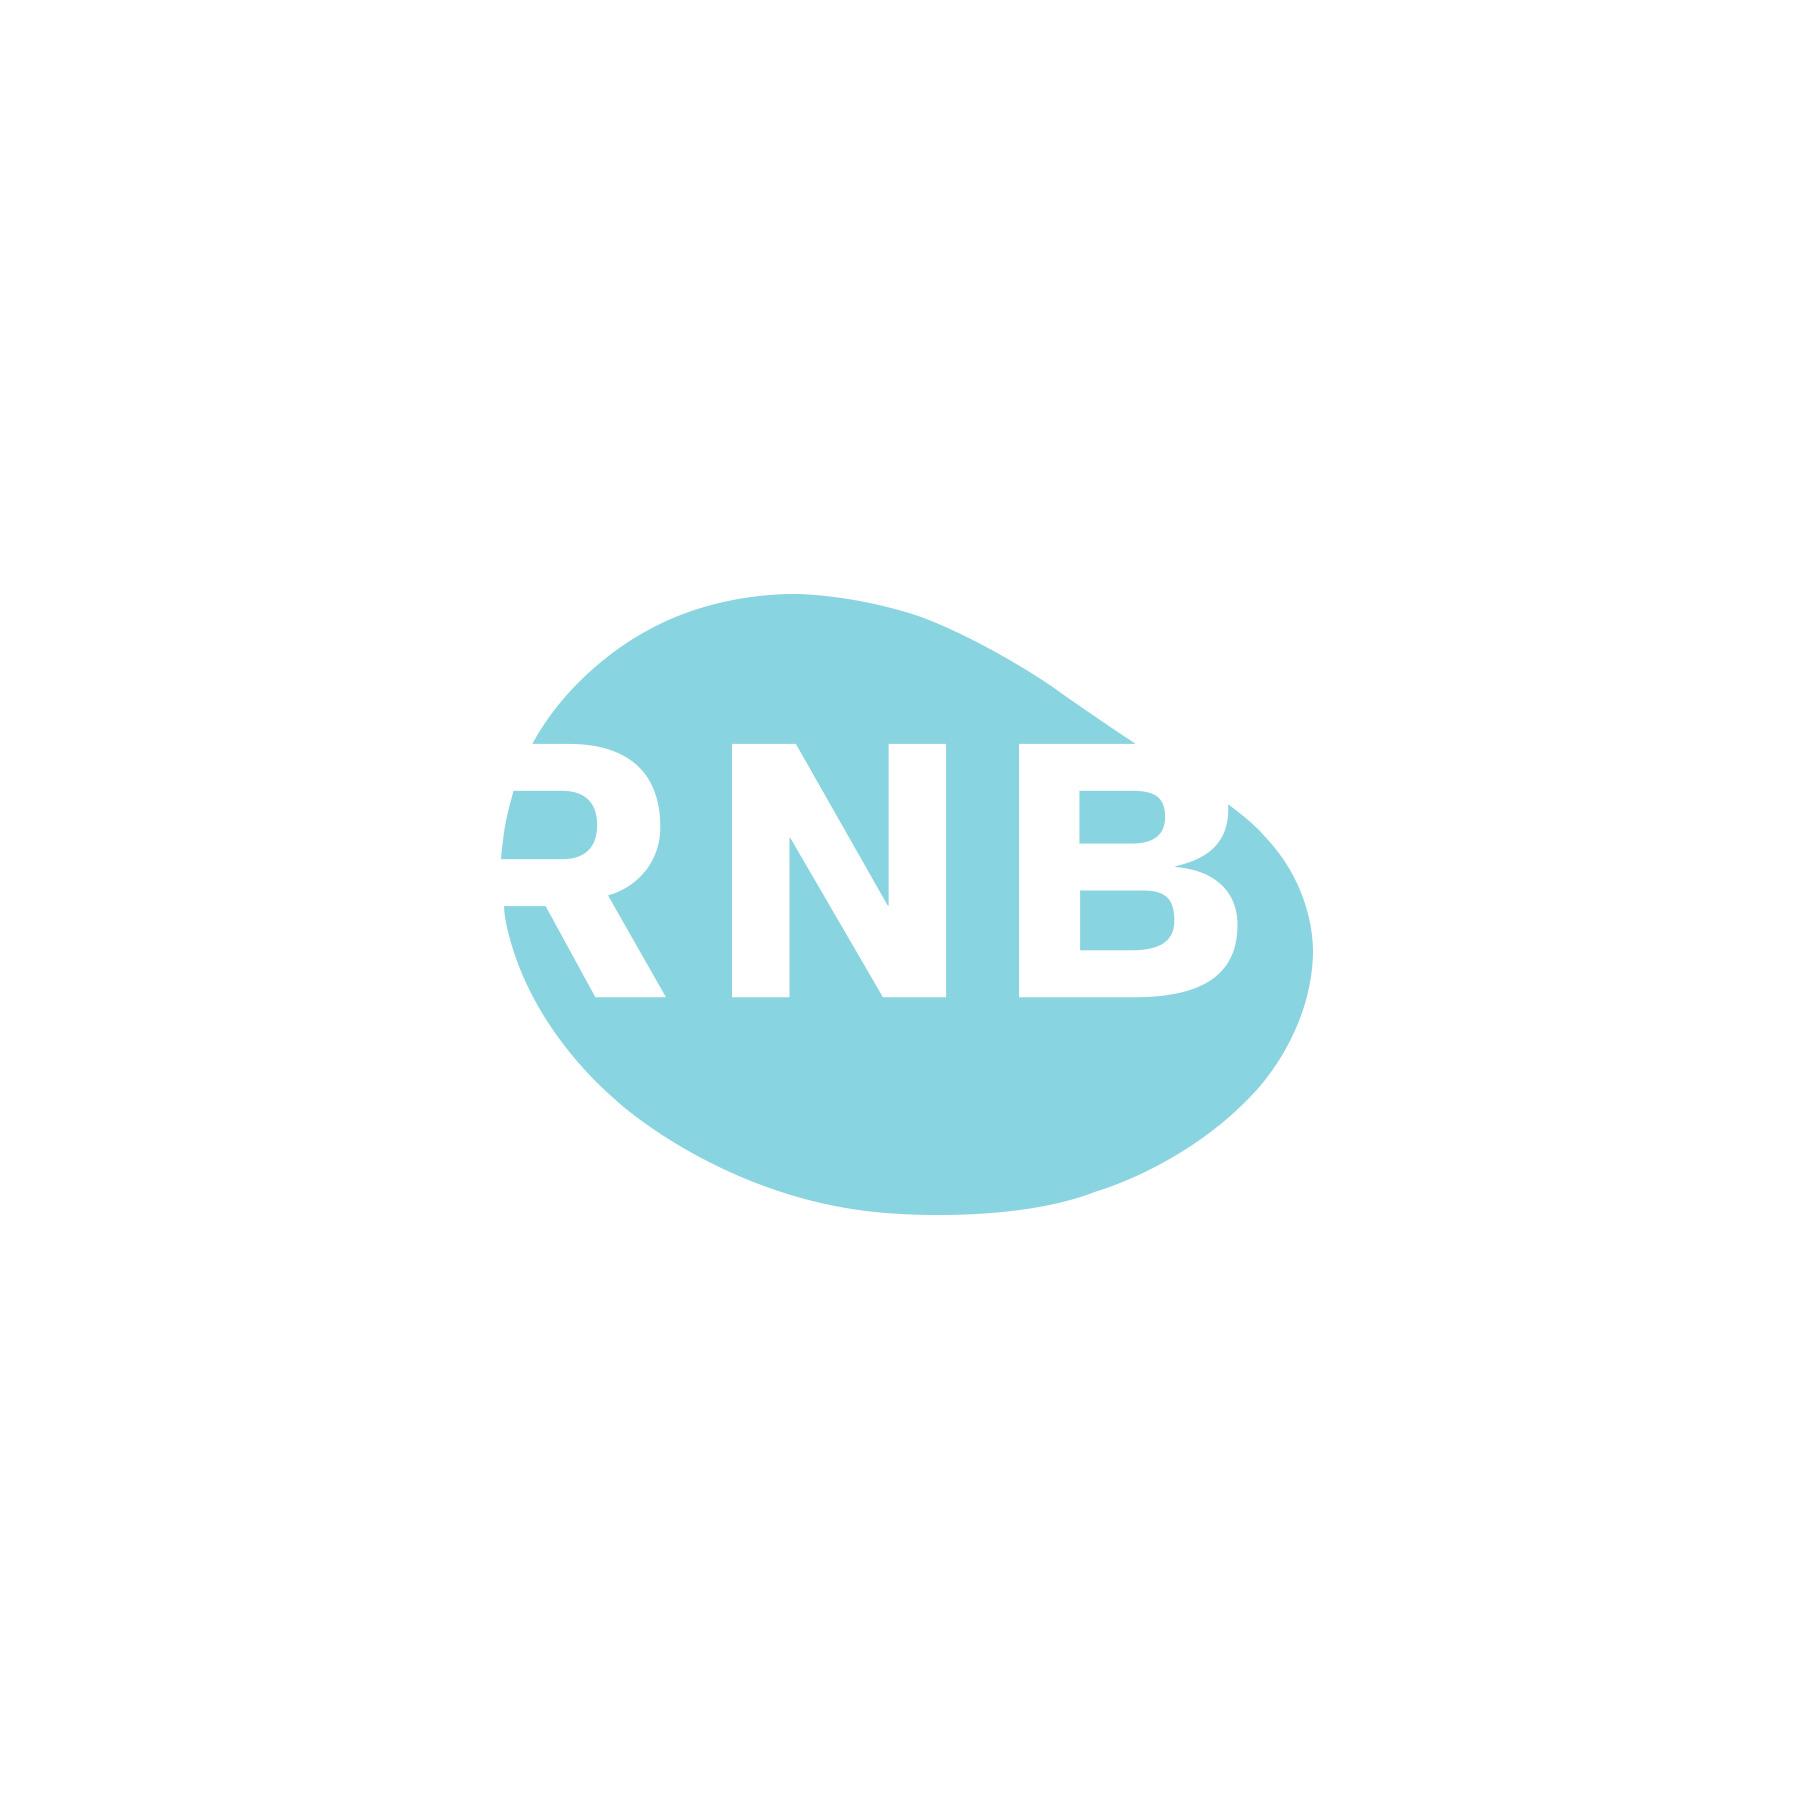 RNB Lavernia & Cienfuegos